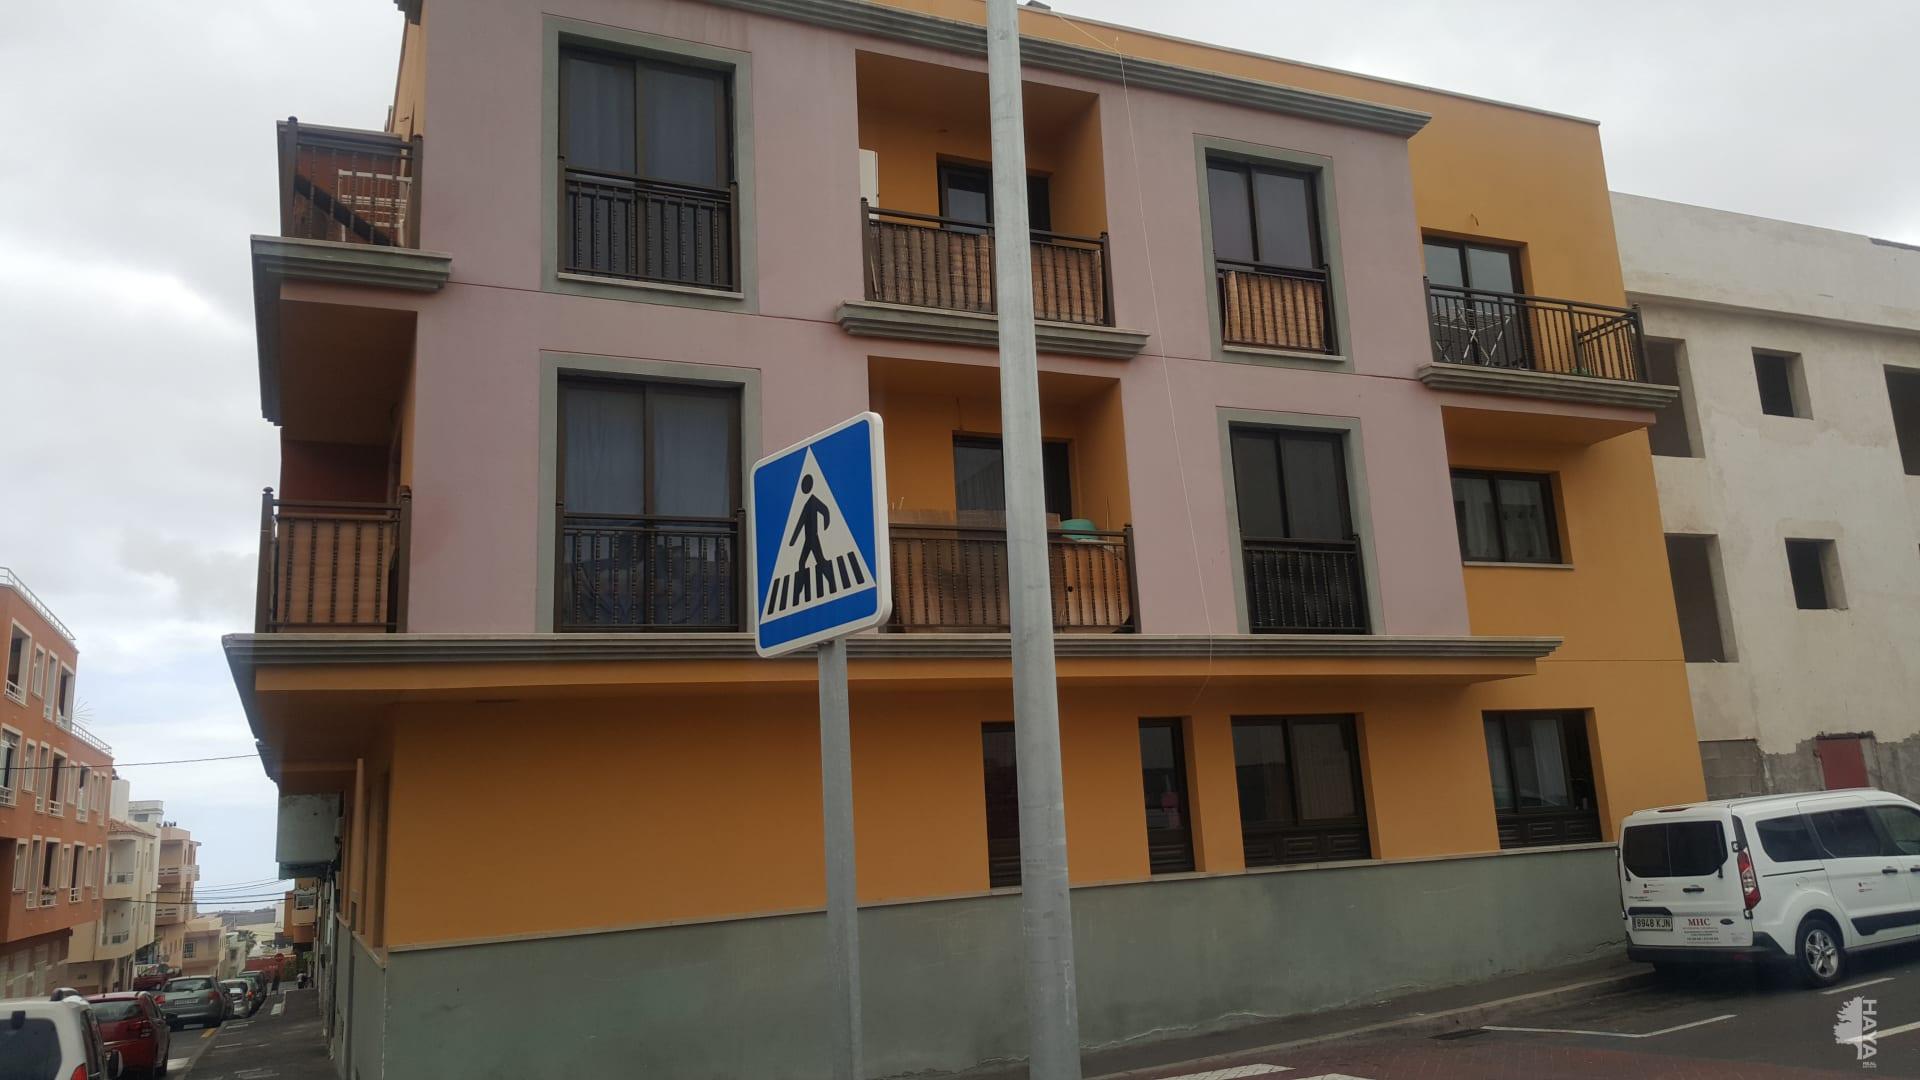 Piso en venta en Granadilla de Abona, Santa Cruz de Tenerife, Calle José Ventura, 689.000 €, 1 baño, 712 m2